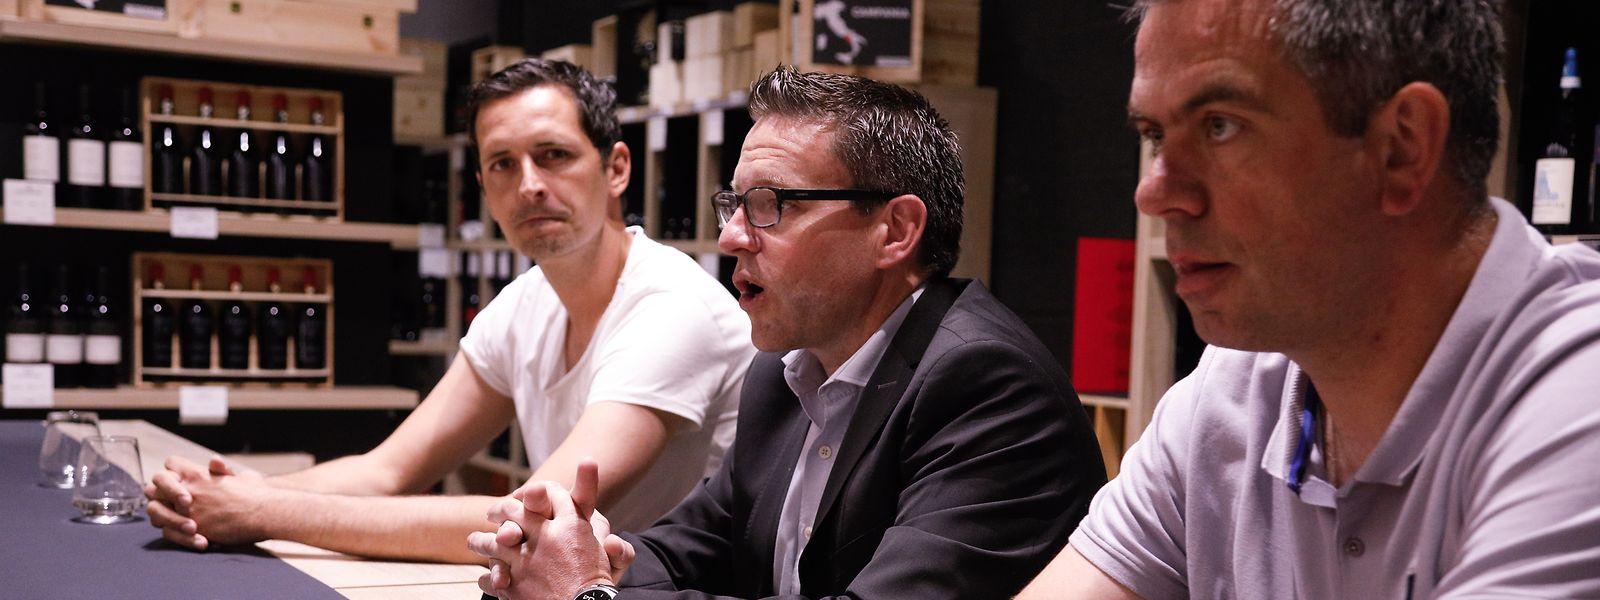 Dino Toppmöller, à gauche, en compagnie du directeur général de Virton, Frédéric Lamotte, et Samuel Petit, le responsable de l'académie de l'Excelsior.